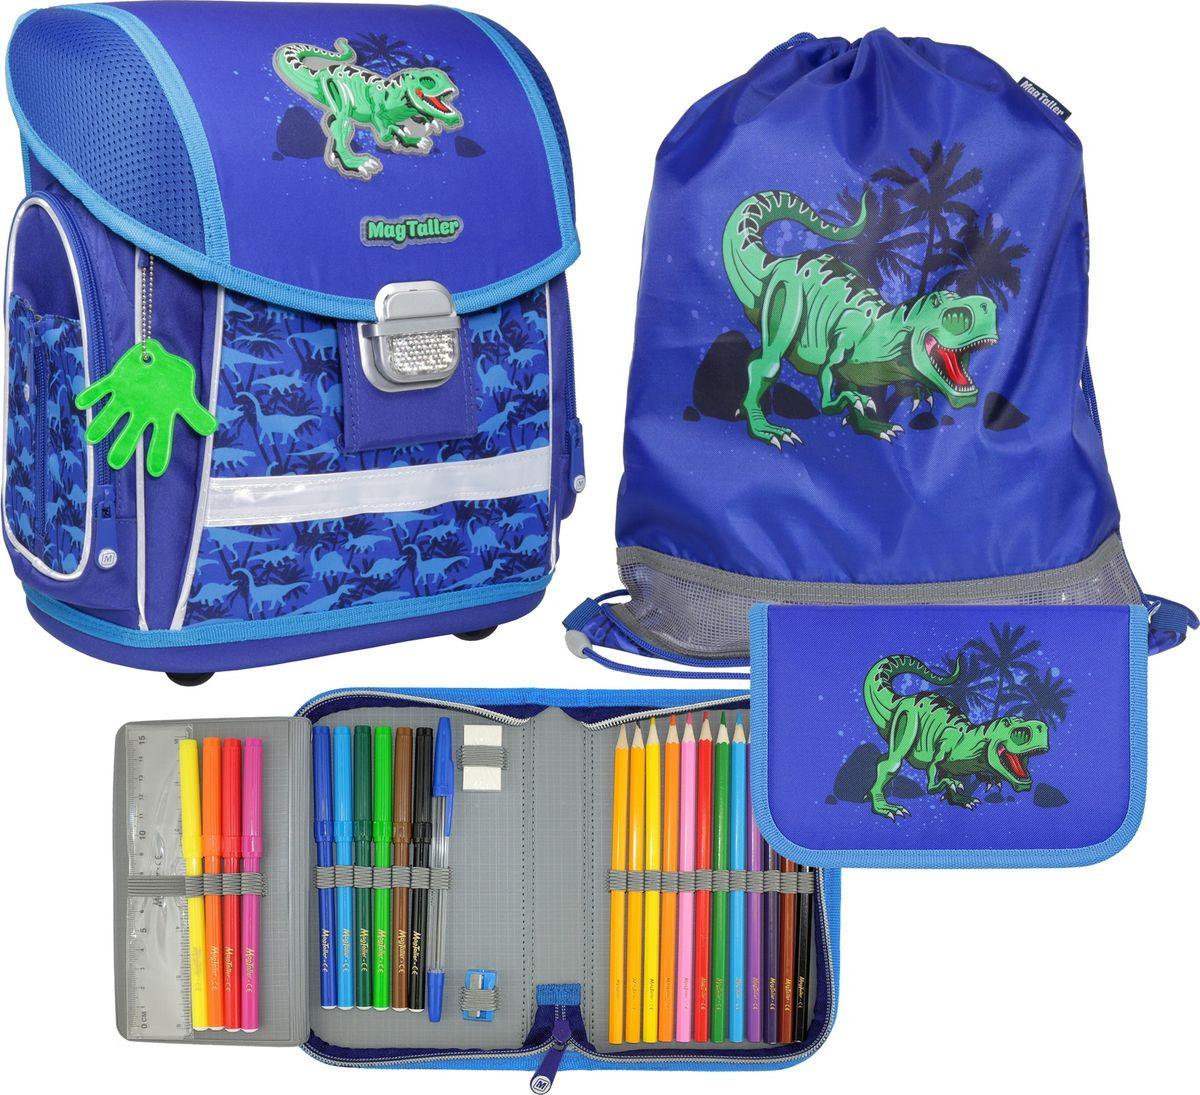 Ранец школьный MagTaller Evo T-Rex, с наполнением, 21815-08, синий, 37 х 30 х 21 см мешок для обуви t rex world